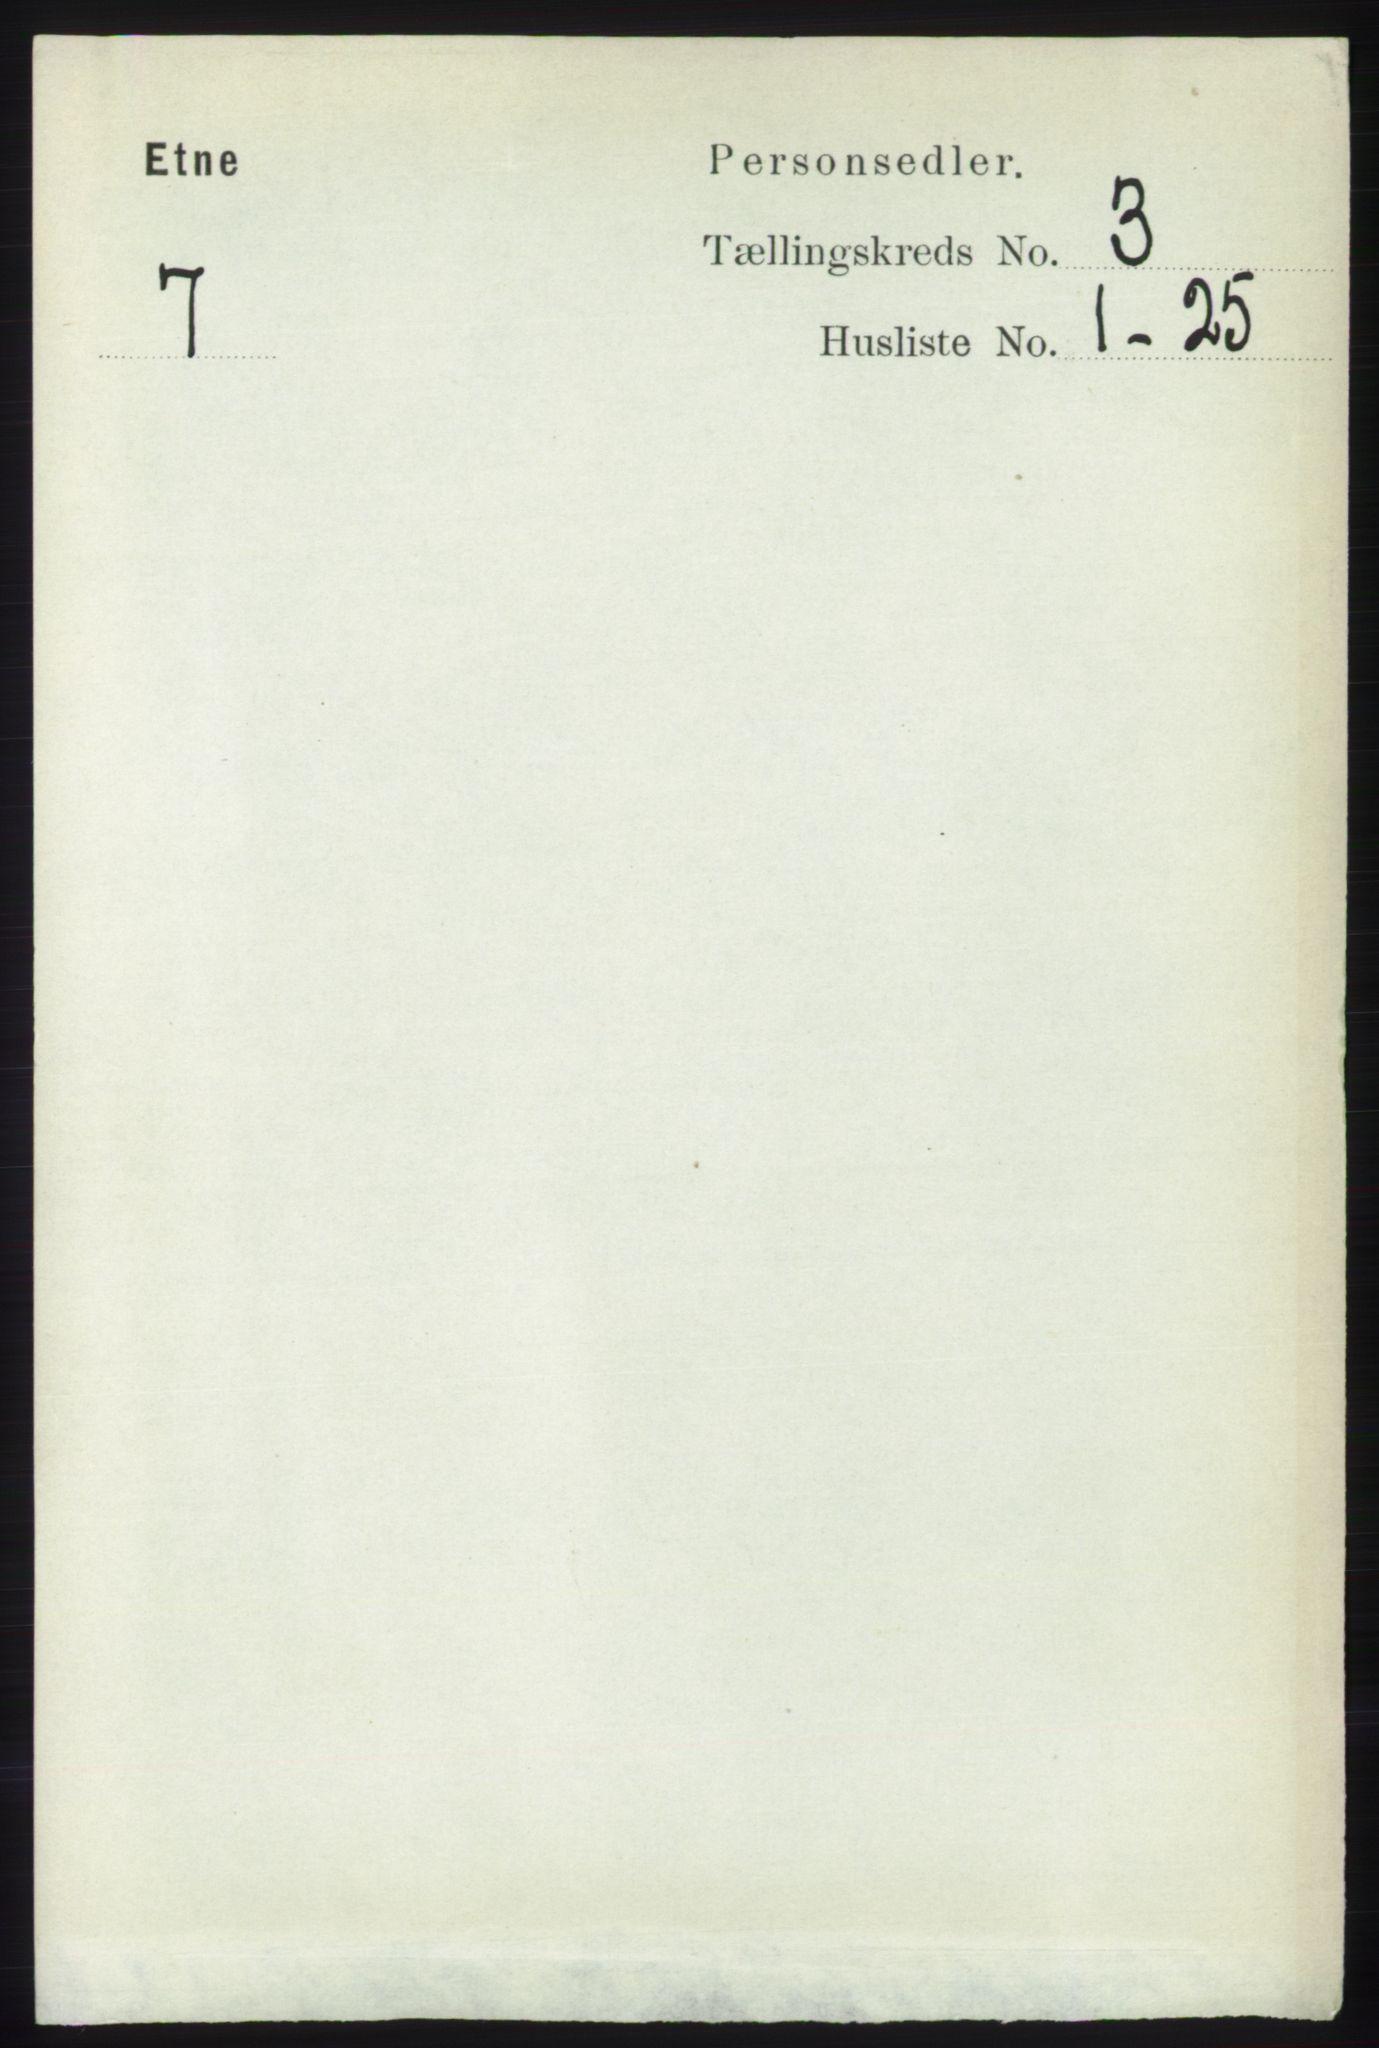 RA, Folketelling 1891 for 1211 Etne herred, 1891, s. 688